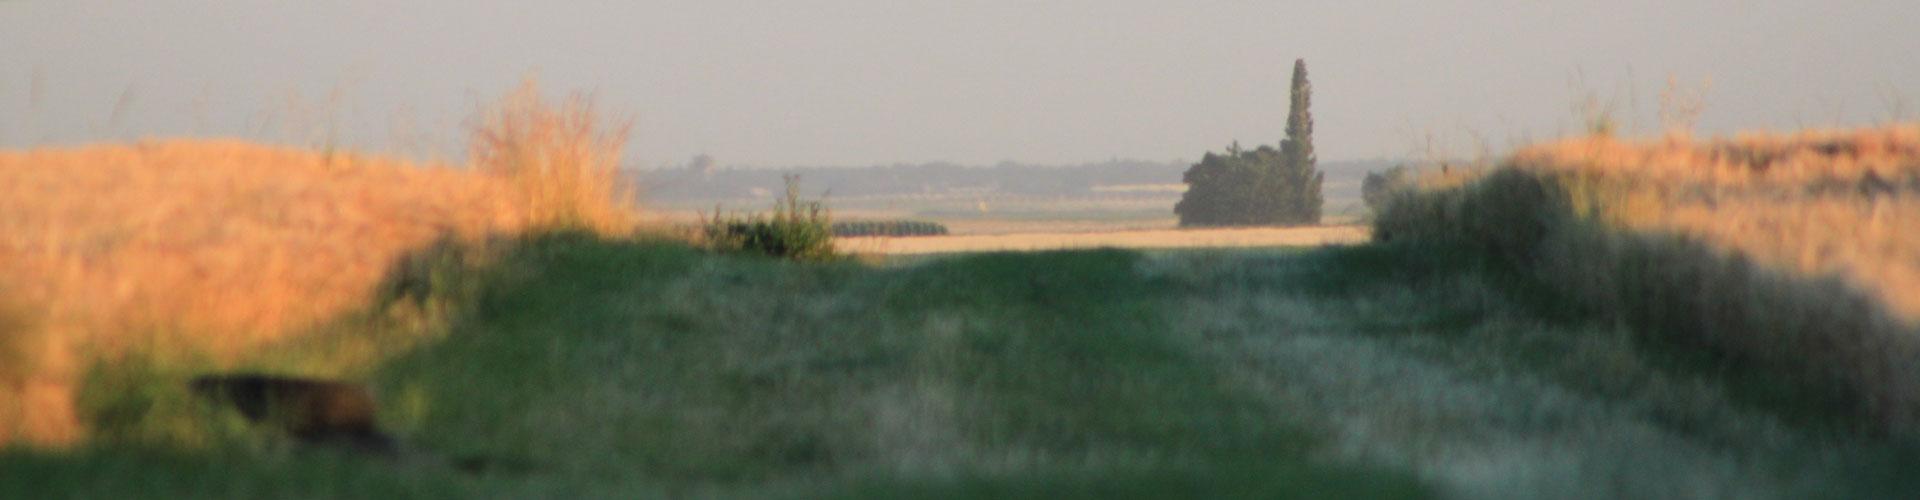 communaut u00e9 de communes plaine du nord loiret  u2013 d u00e9couvrez